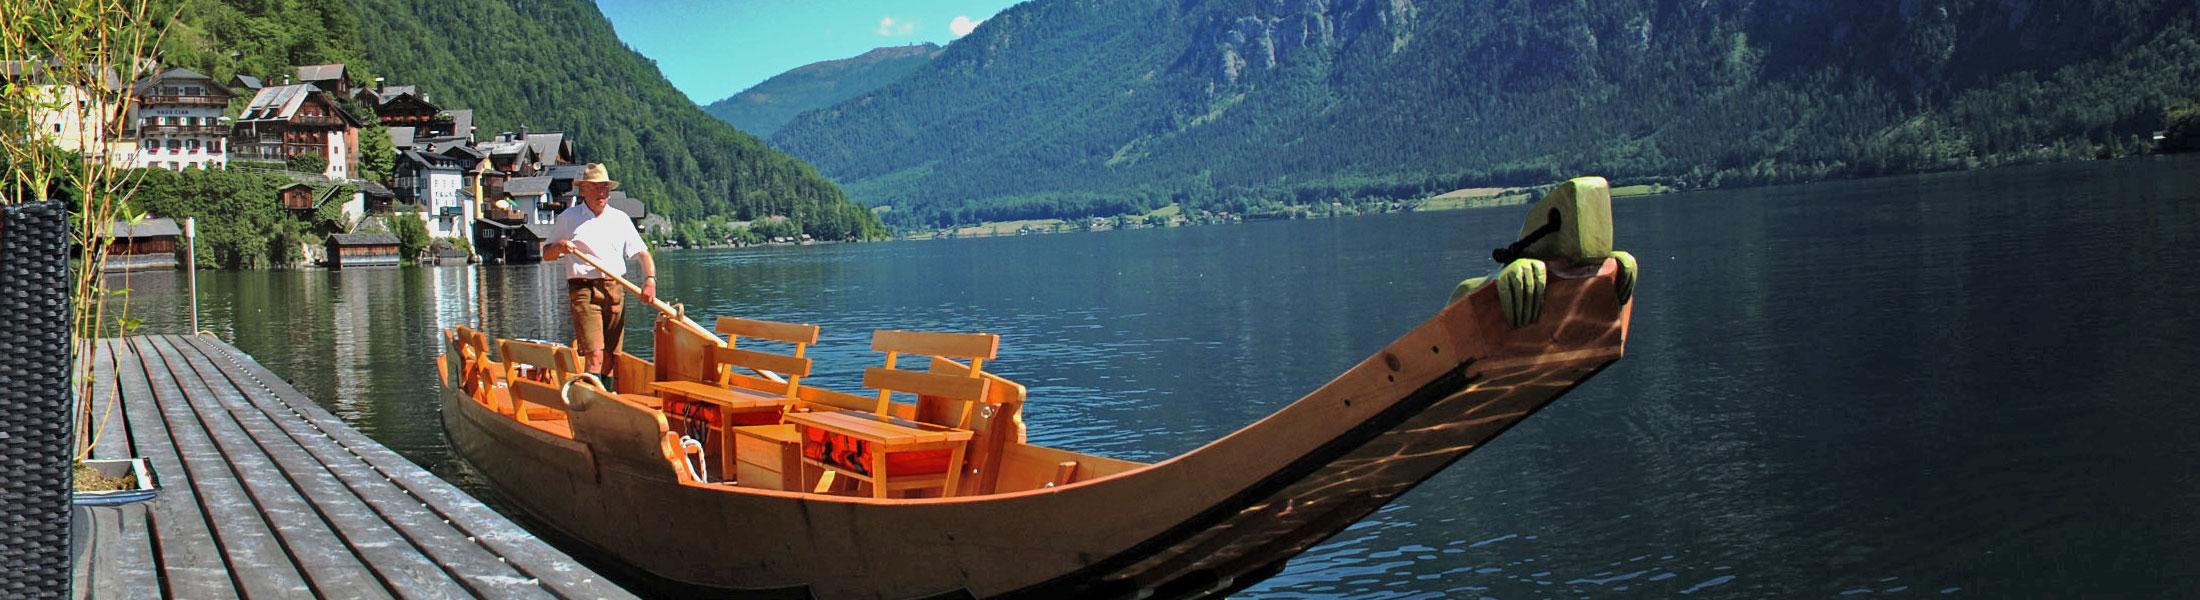 NAVIA Zillen-Schifffahrt am Hallstätter See